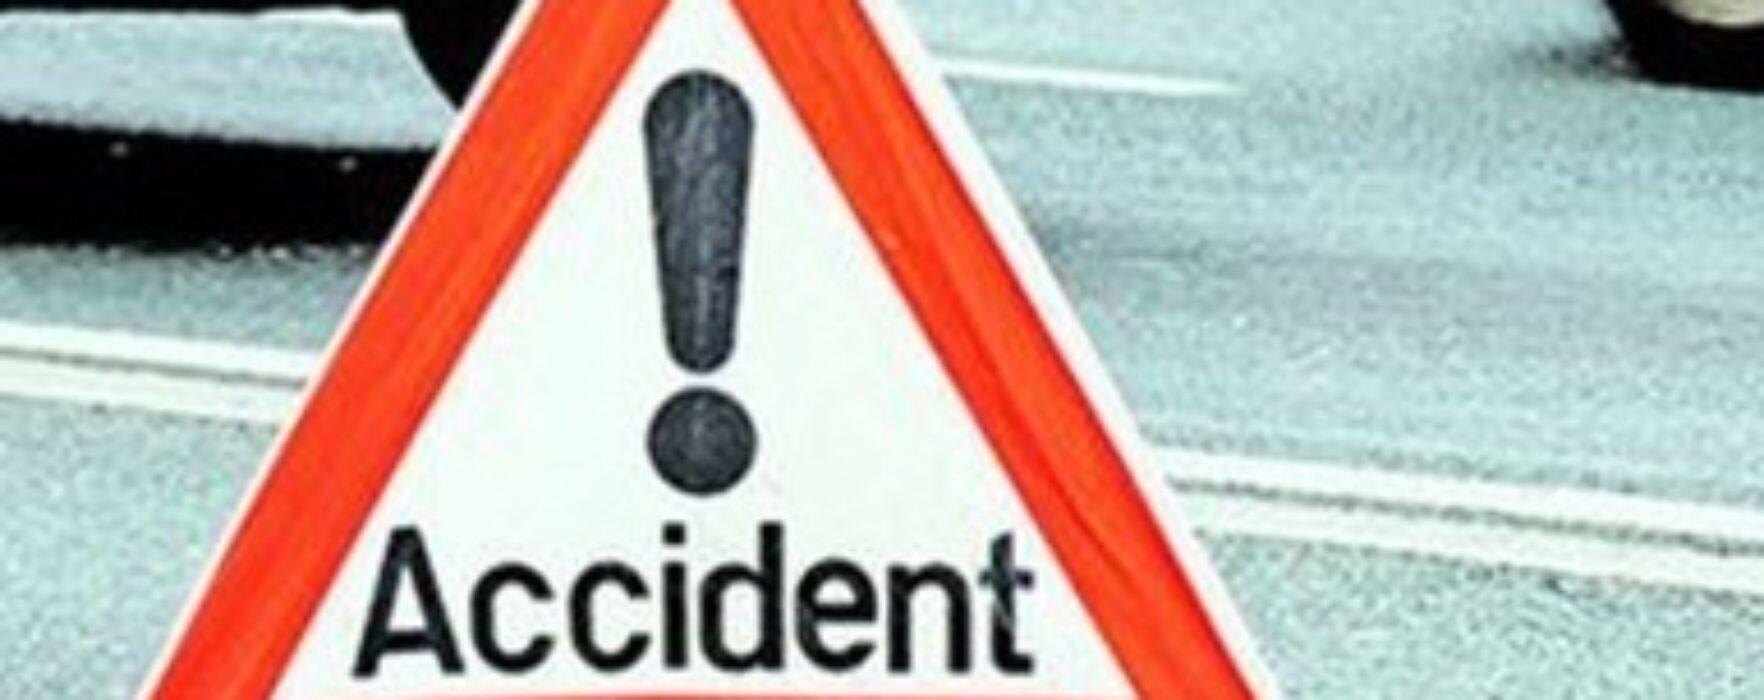 Aproape 500 de accidente în Dâmboviţa, în 2013; cauza principală indisciplina pietonilor